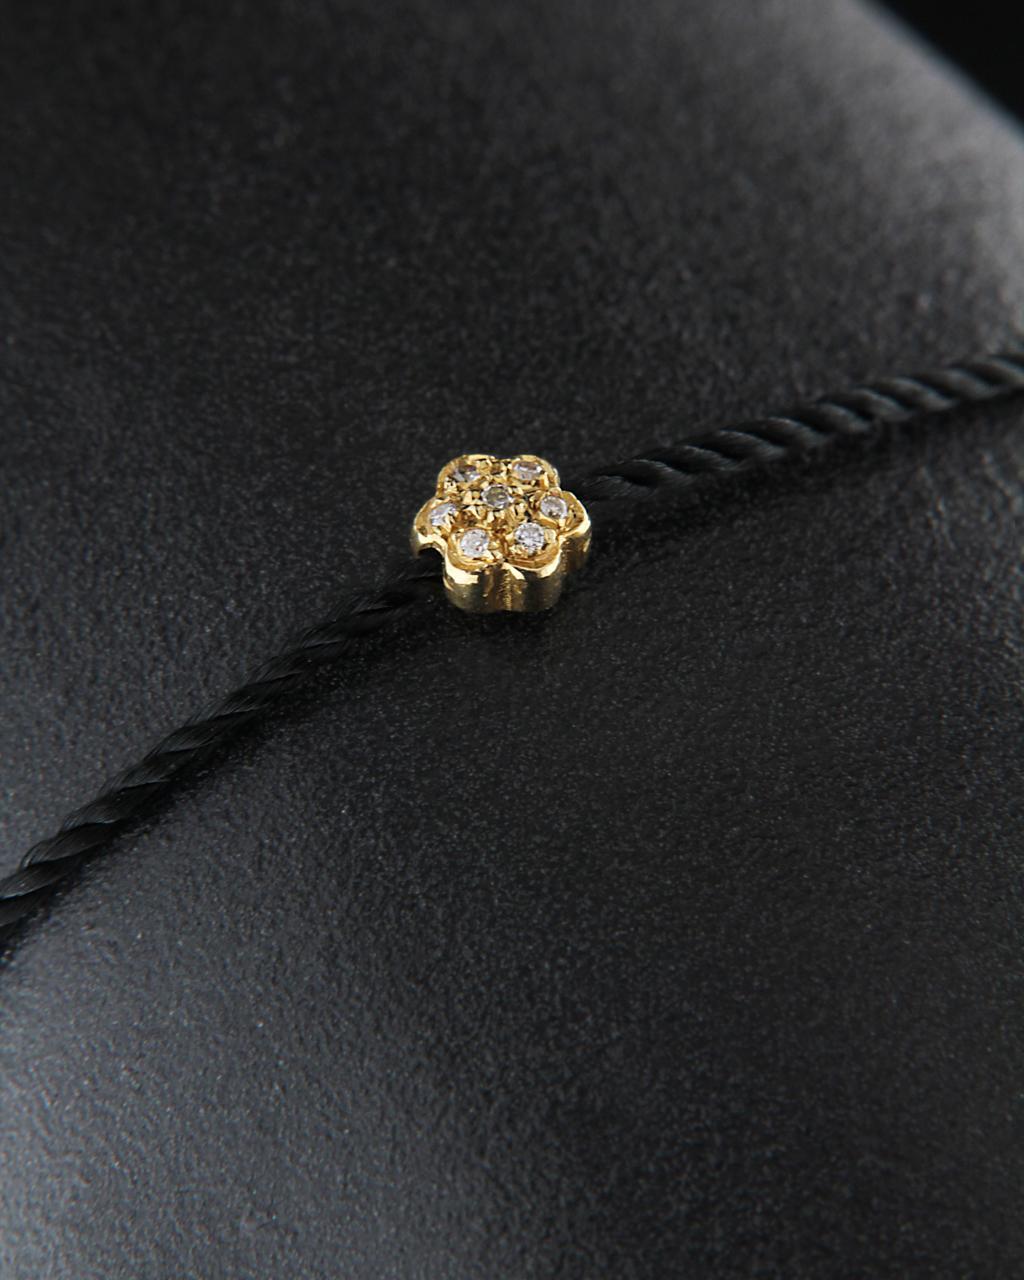 Βραχιόλι χρυσό Κ18 με Διαμάντια   γυναικα βραχιόλια βραχιόλια δέρμα καουτσούκ